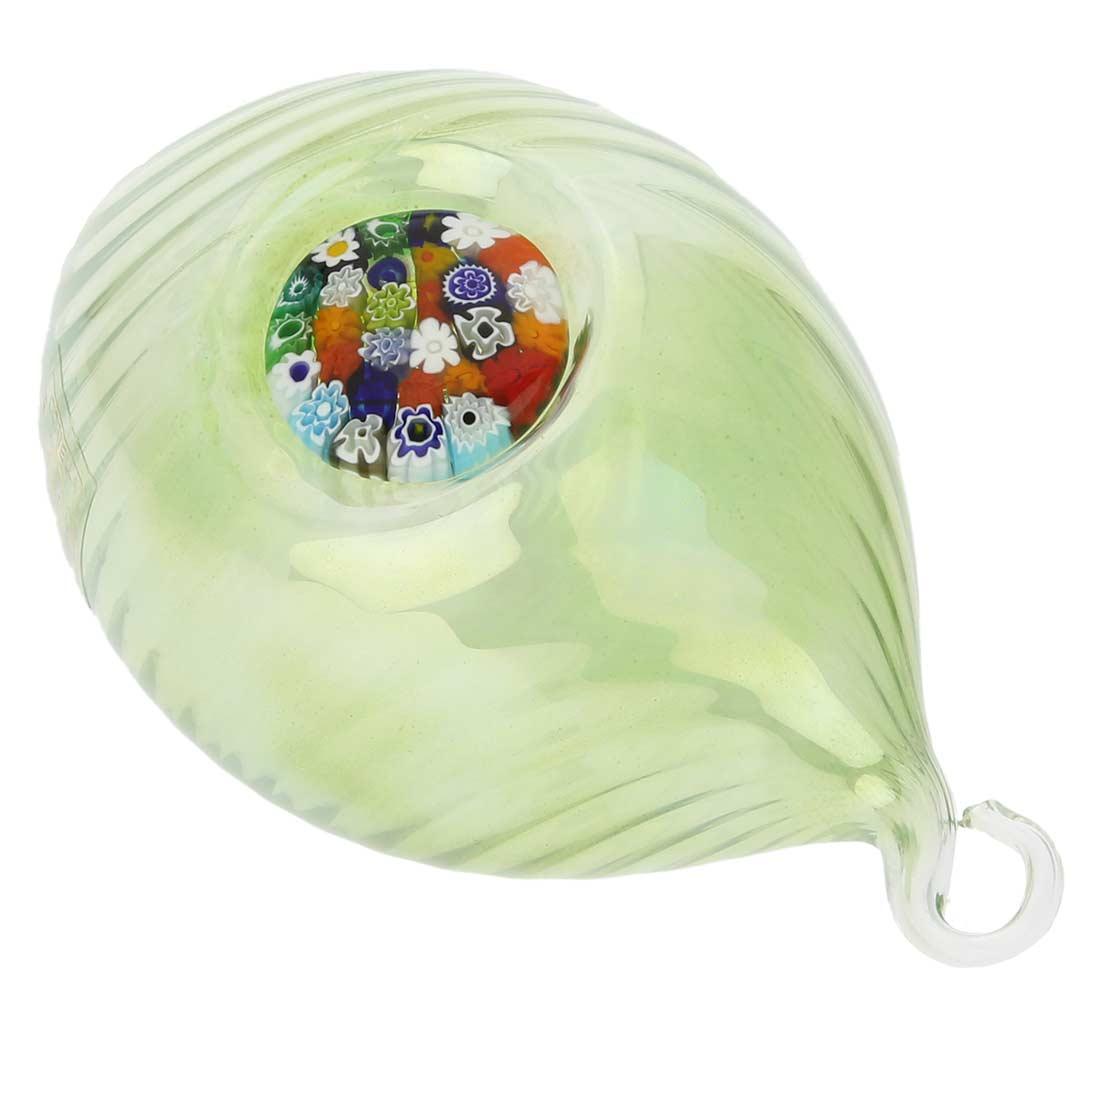 Murano glass christmas gifts murano glass millefiori - Murano glass ornaments italy ...